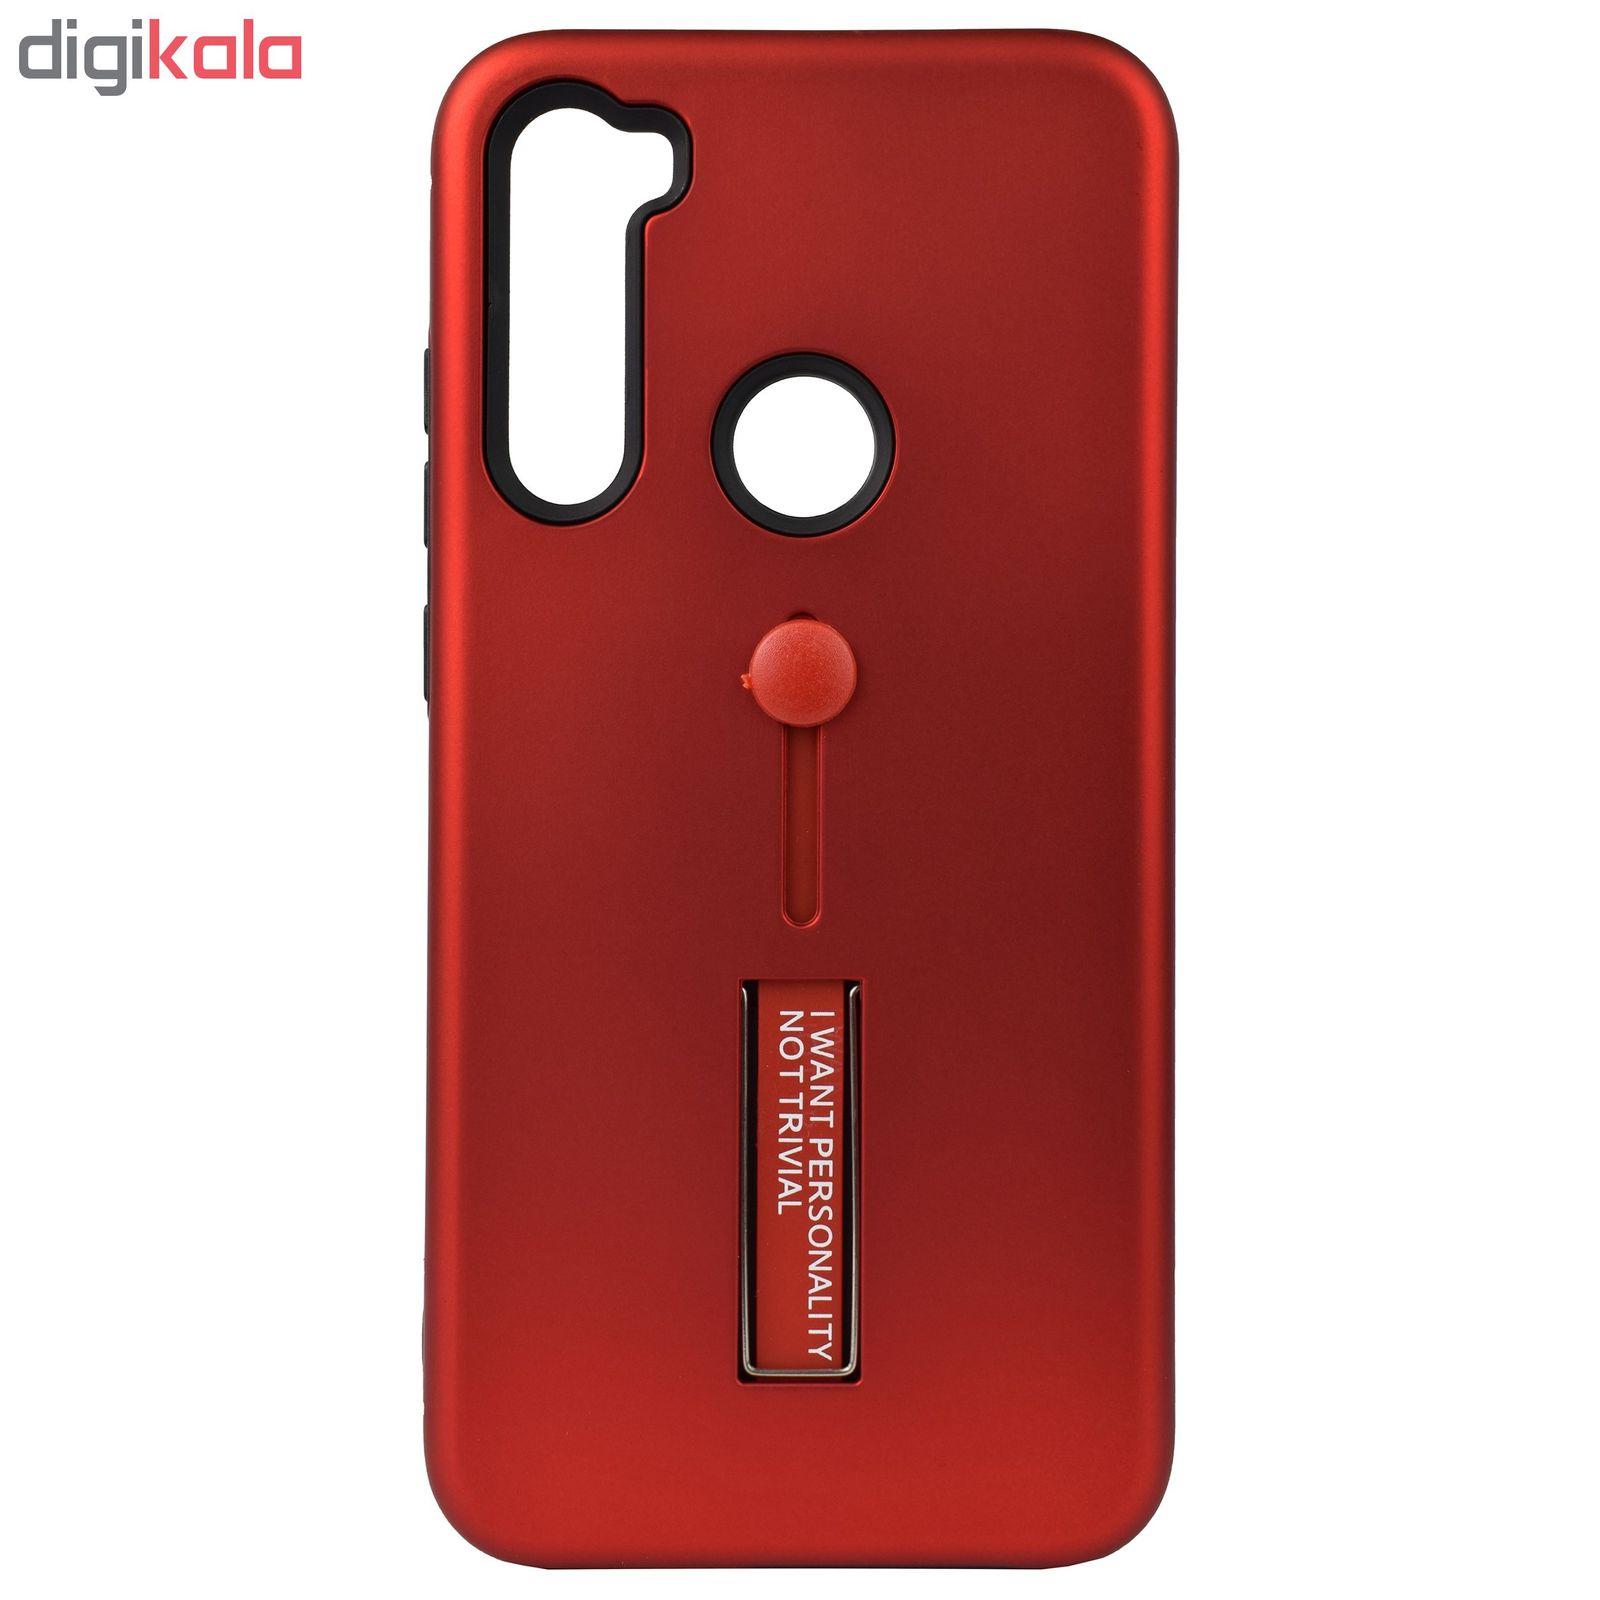 کاور مدل FAS20 مناسب برای گوشی موبایل شیائومی Redmi Note 8 main 1 1